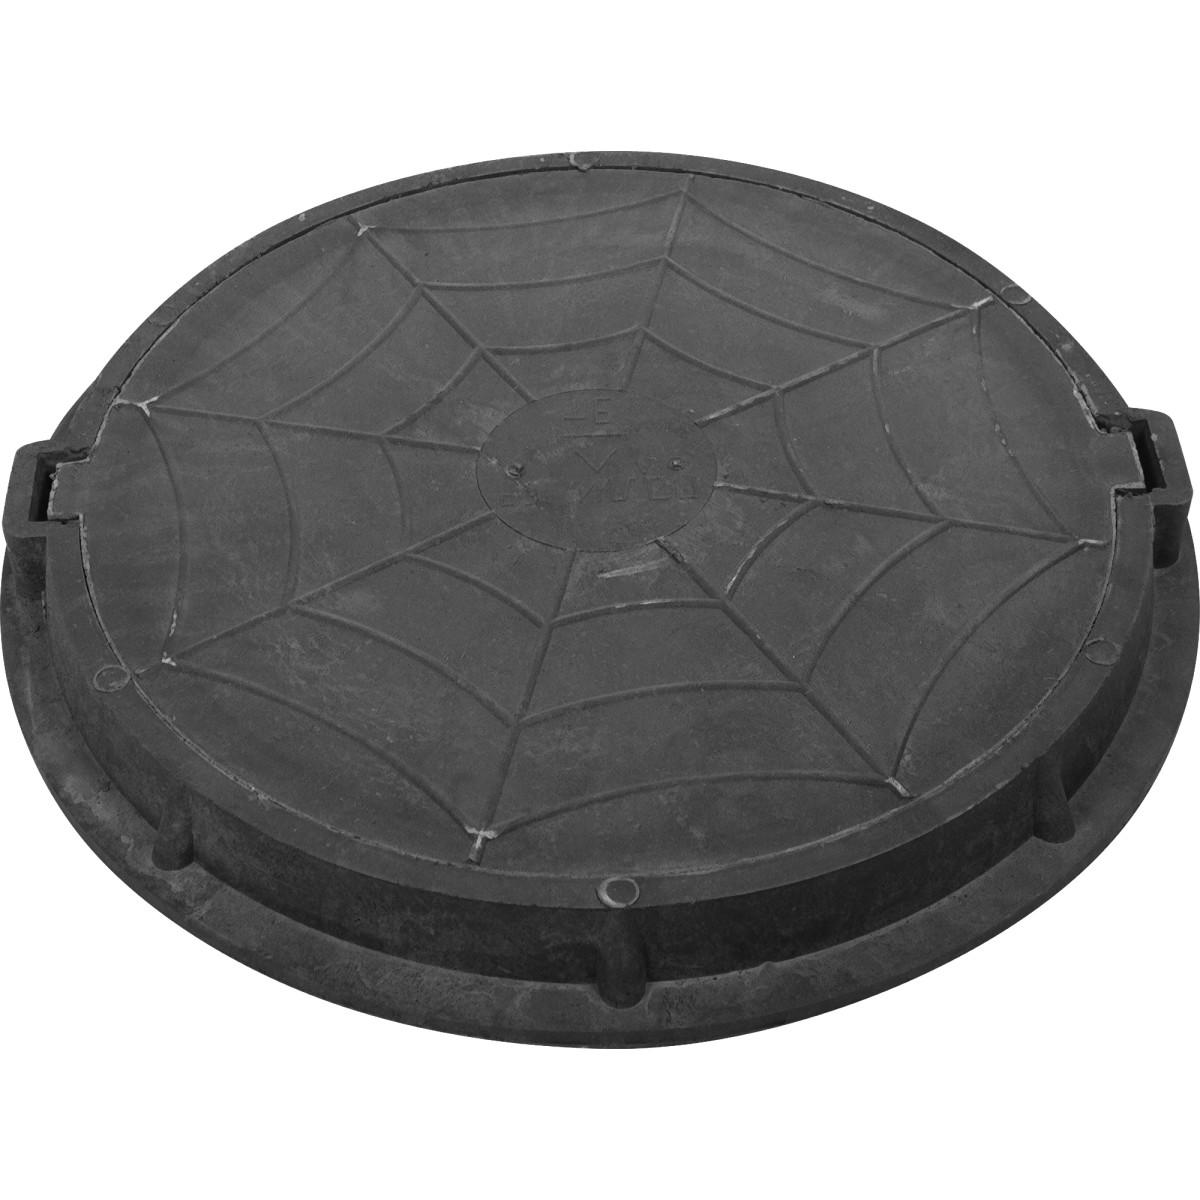 Люк дачный полимерпесчаный до 3 т. черный